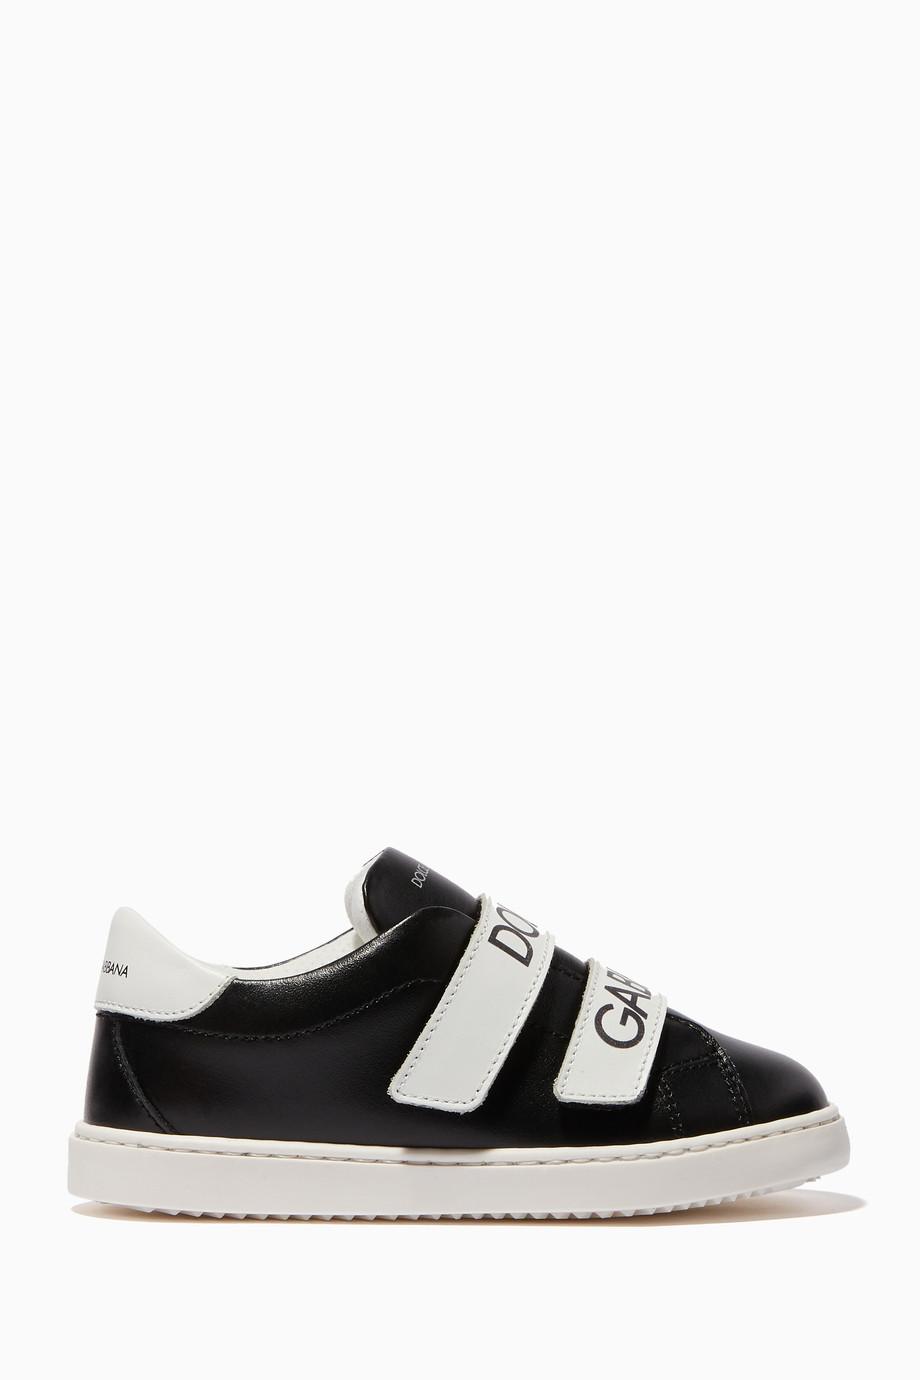 1810b1dc743b Shop Dolce   Gabbana Black Black   White Logo Strap Sneakers for ...